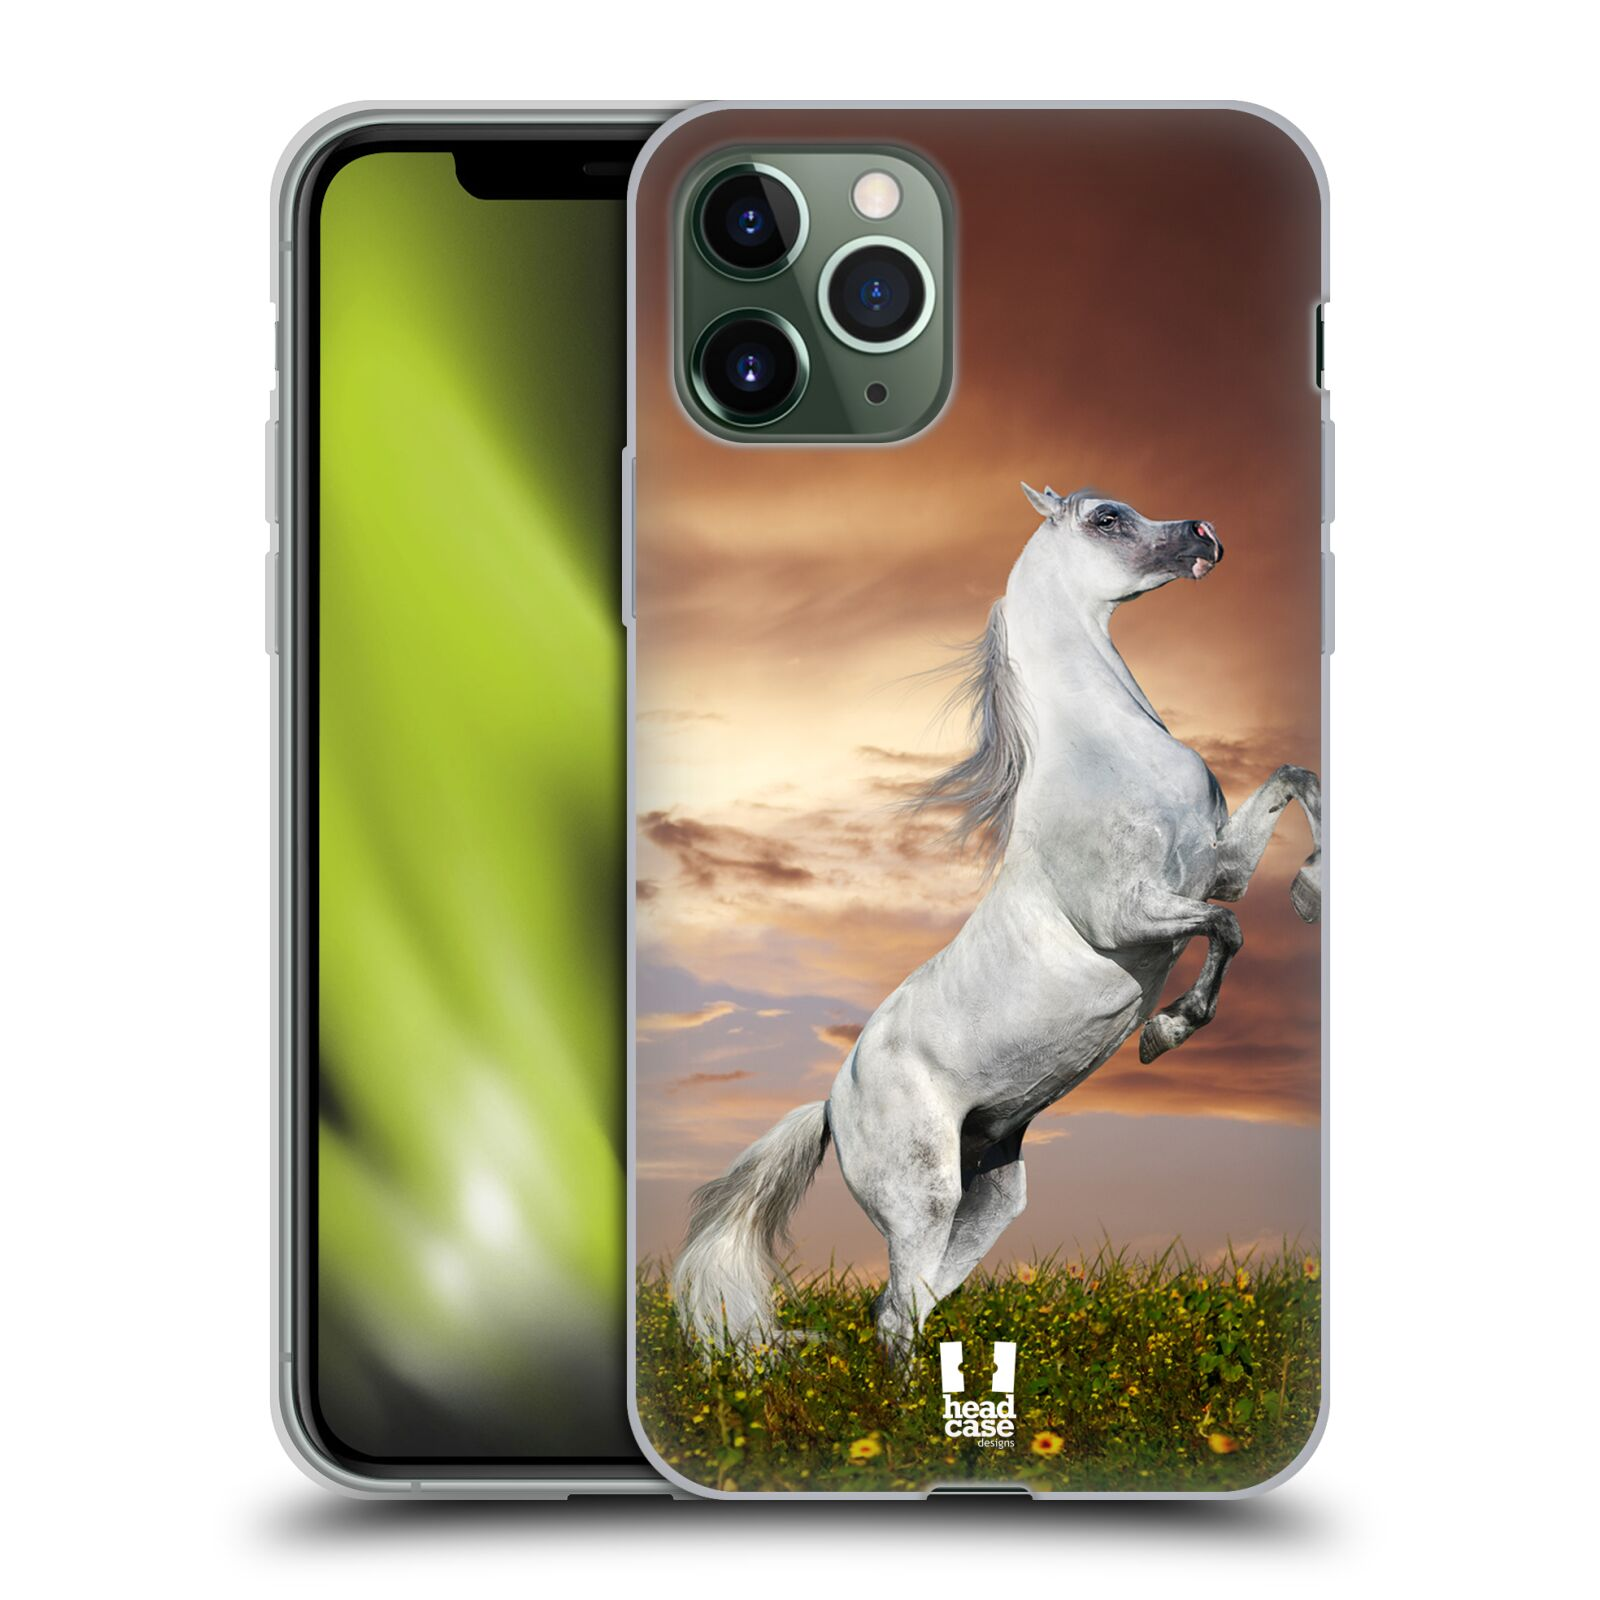 pouzdro iPhone 8 gucci